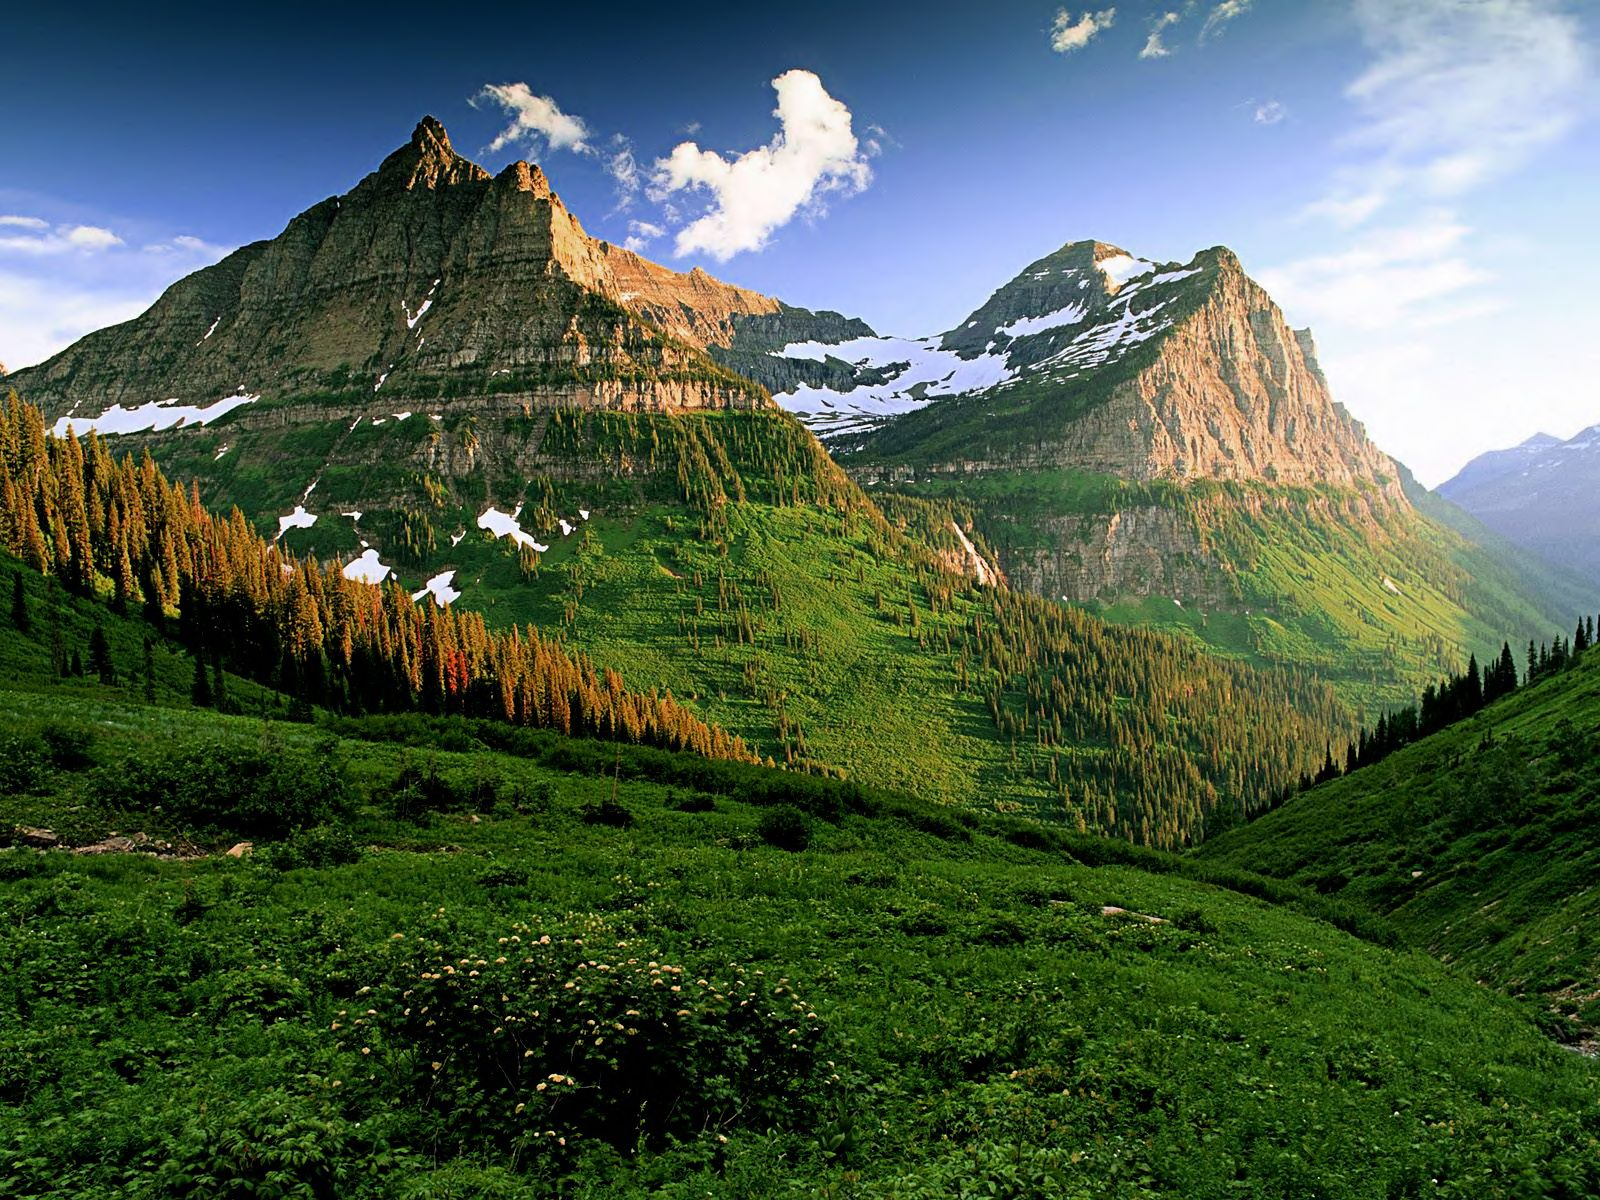 Glacier National Park National Parks Glacier National Park Montana Beautiful Mountains